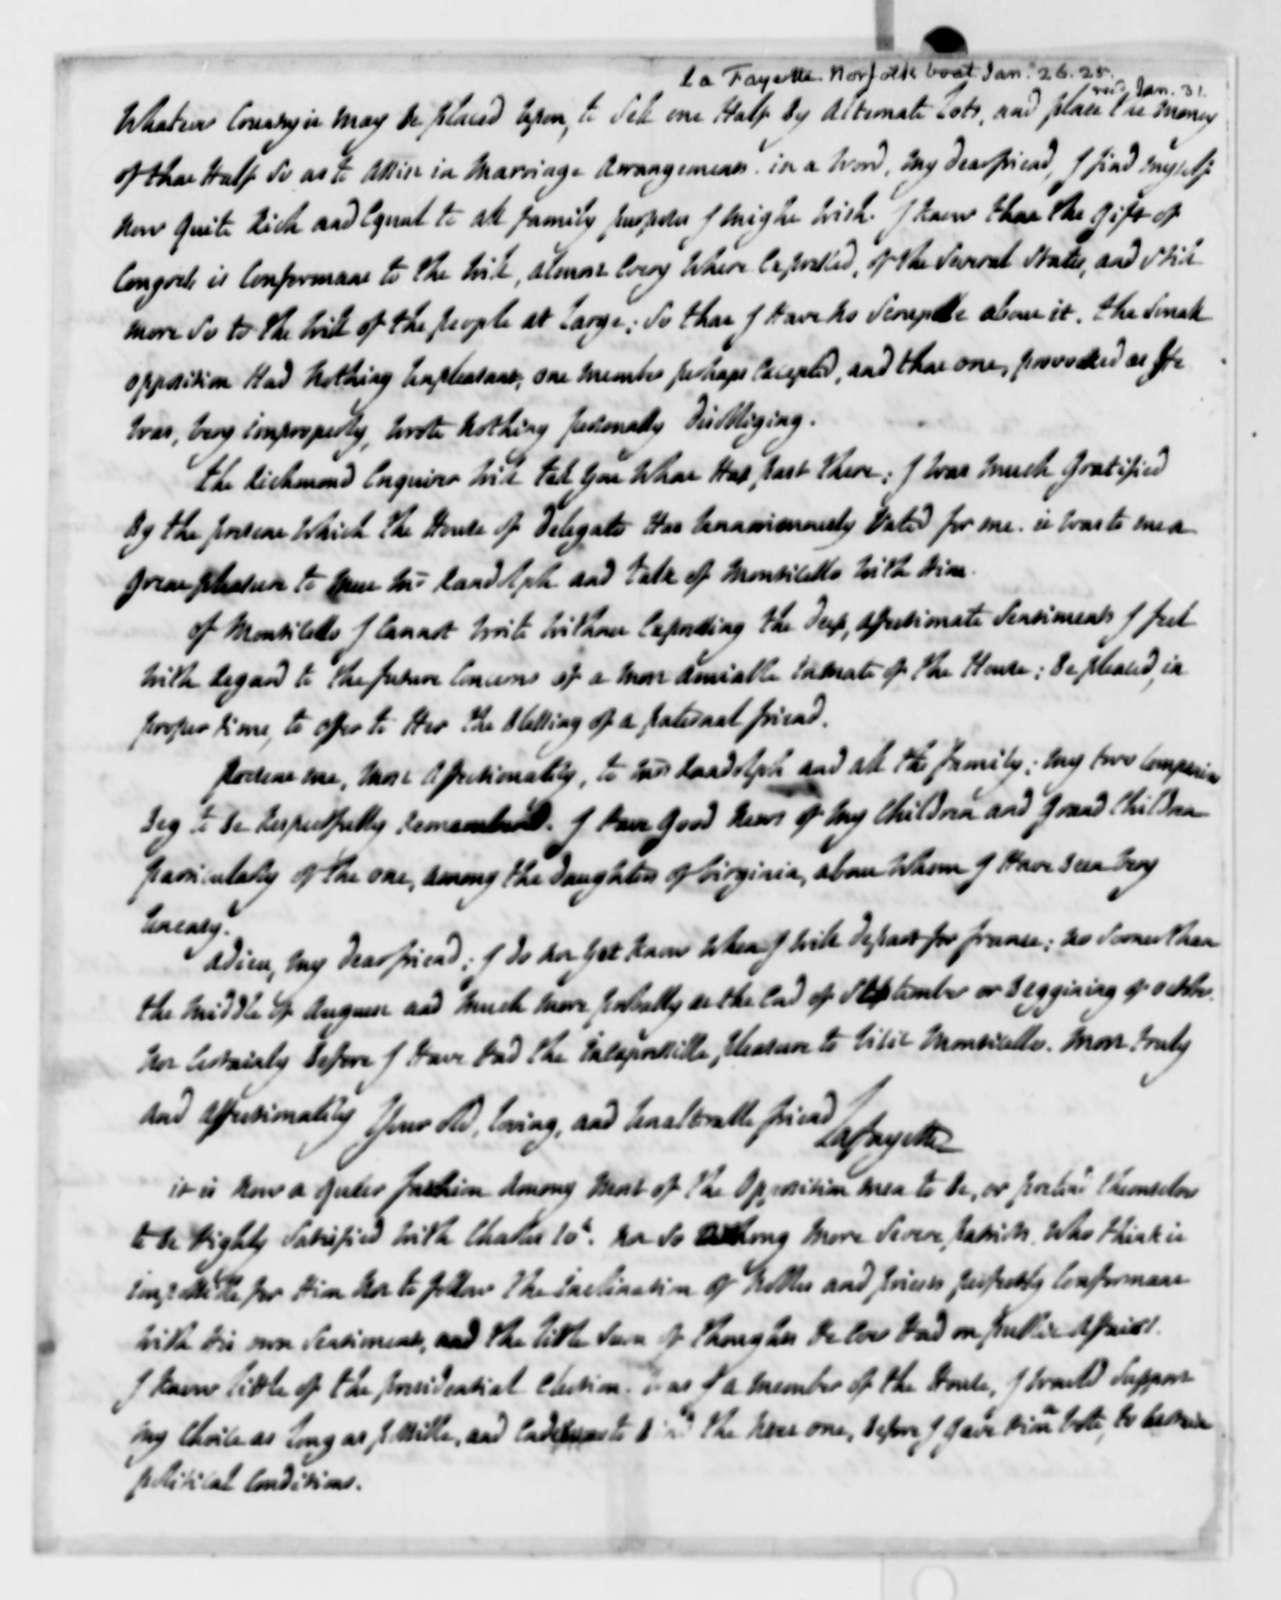 Marie Joseph Paul Yves Roch Gilbert du Motier, Marquis de Lafayette to Thomas Jefferson, January 26, 1825